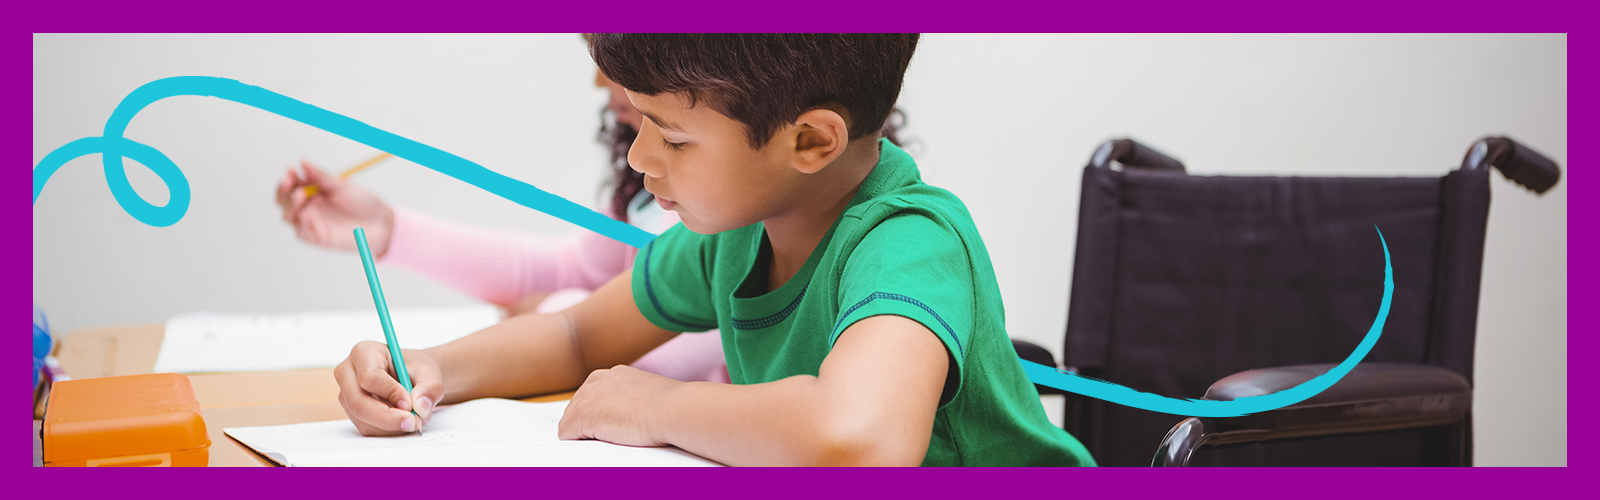 Aluno em cadeira de roda está escrevendo em um caderno na sala de aula para ilustrar a importância de promover uma educação inclusiva. Ele é um menino com menos de 10 anos de idade e tem cabelo curto e preto.